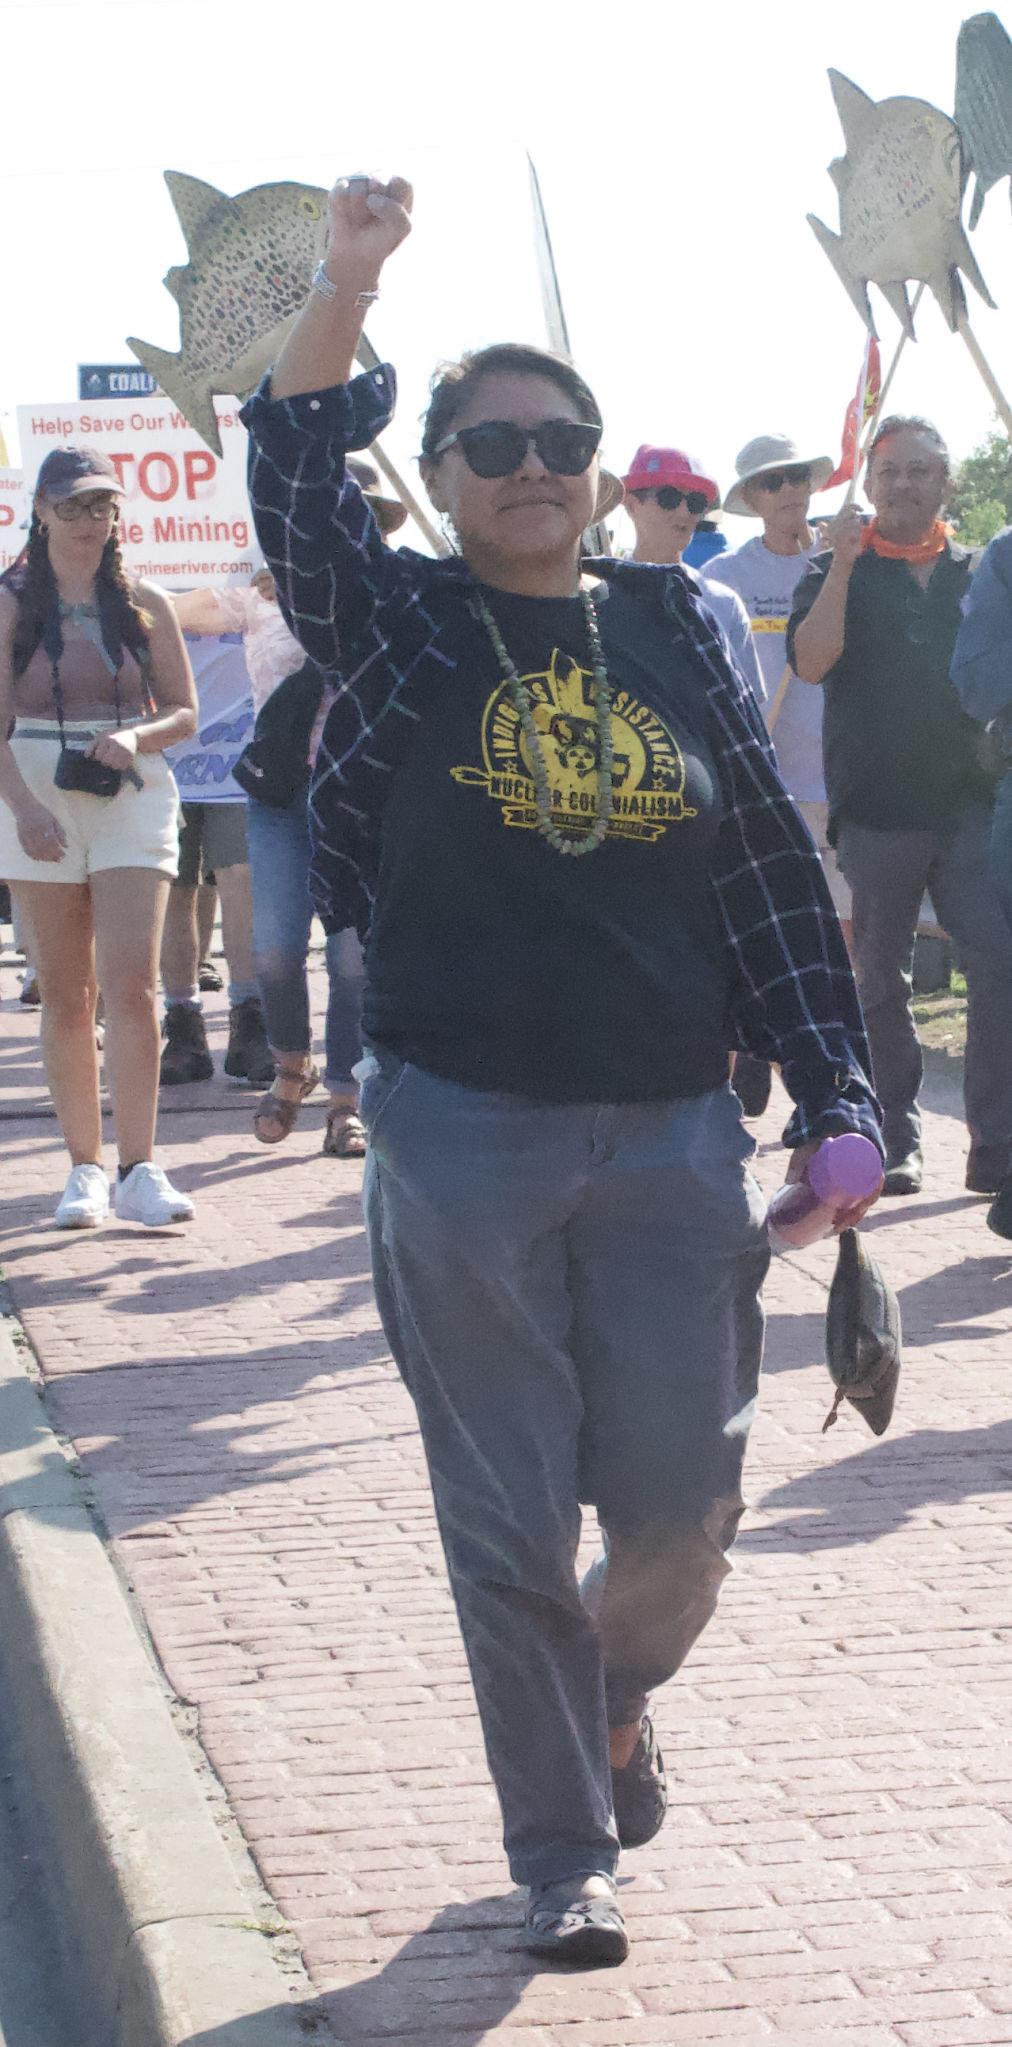 Protester Leona Morgan